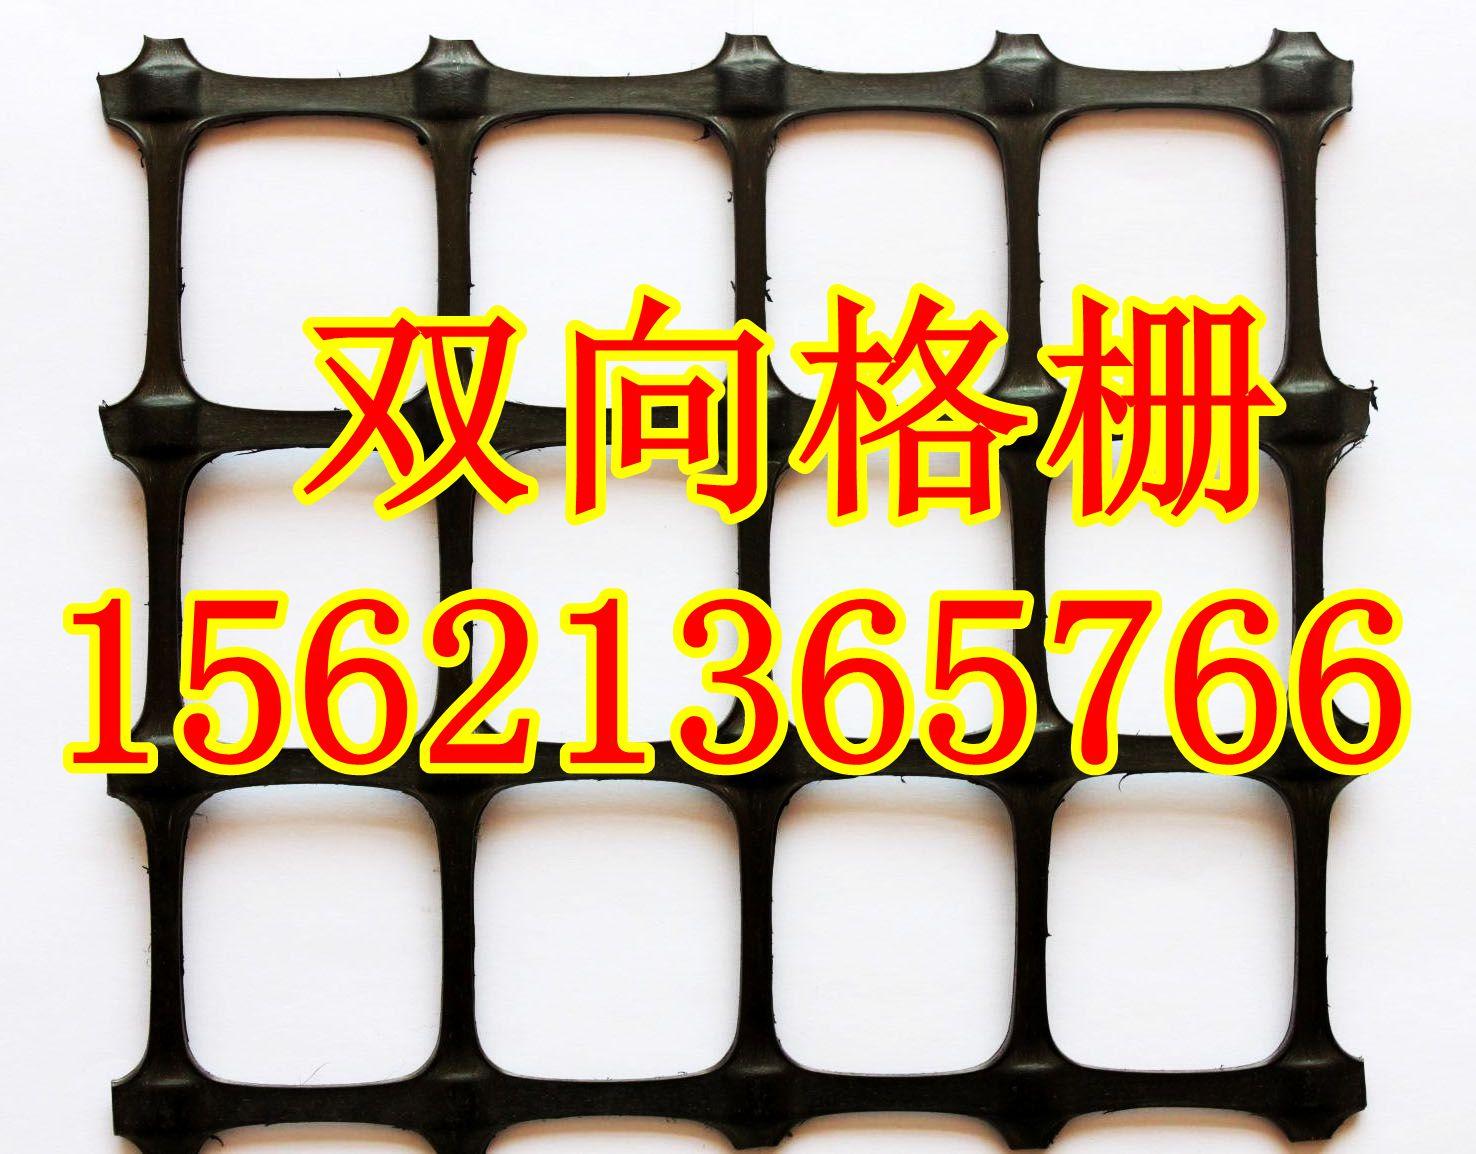 欢迎光临+益阳土工布有限公司(15621365766)